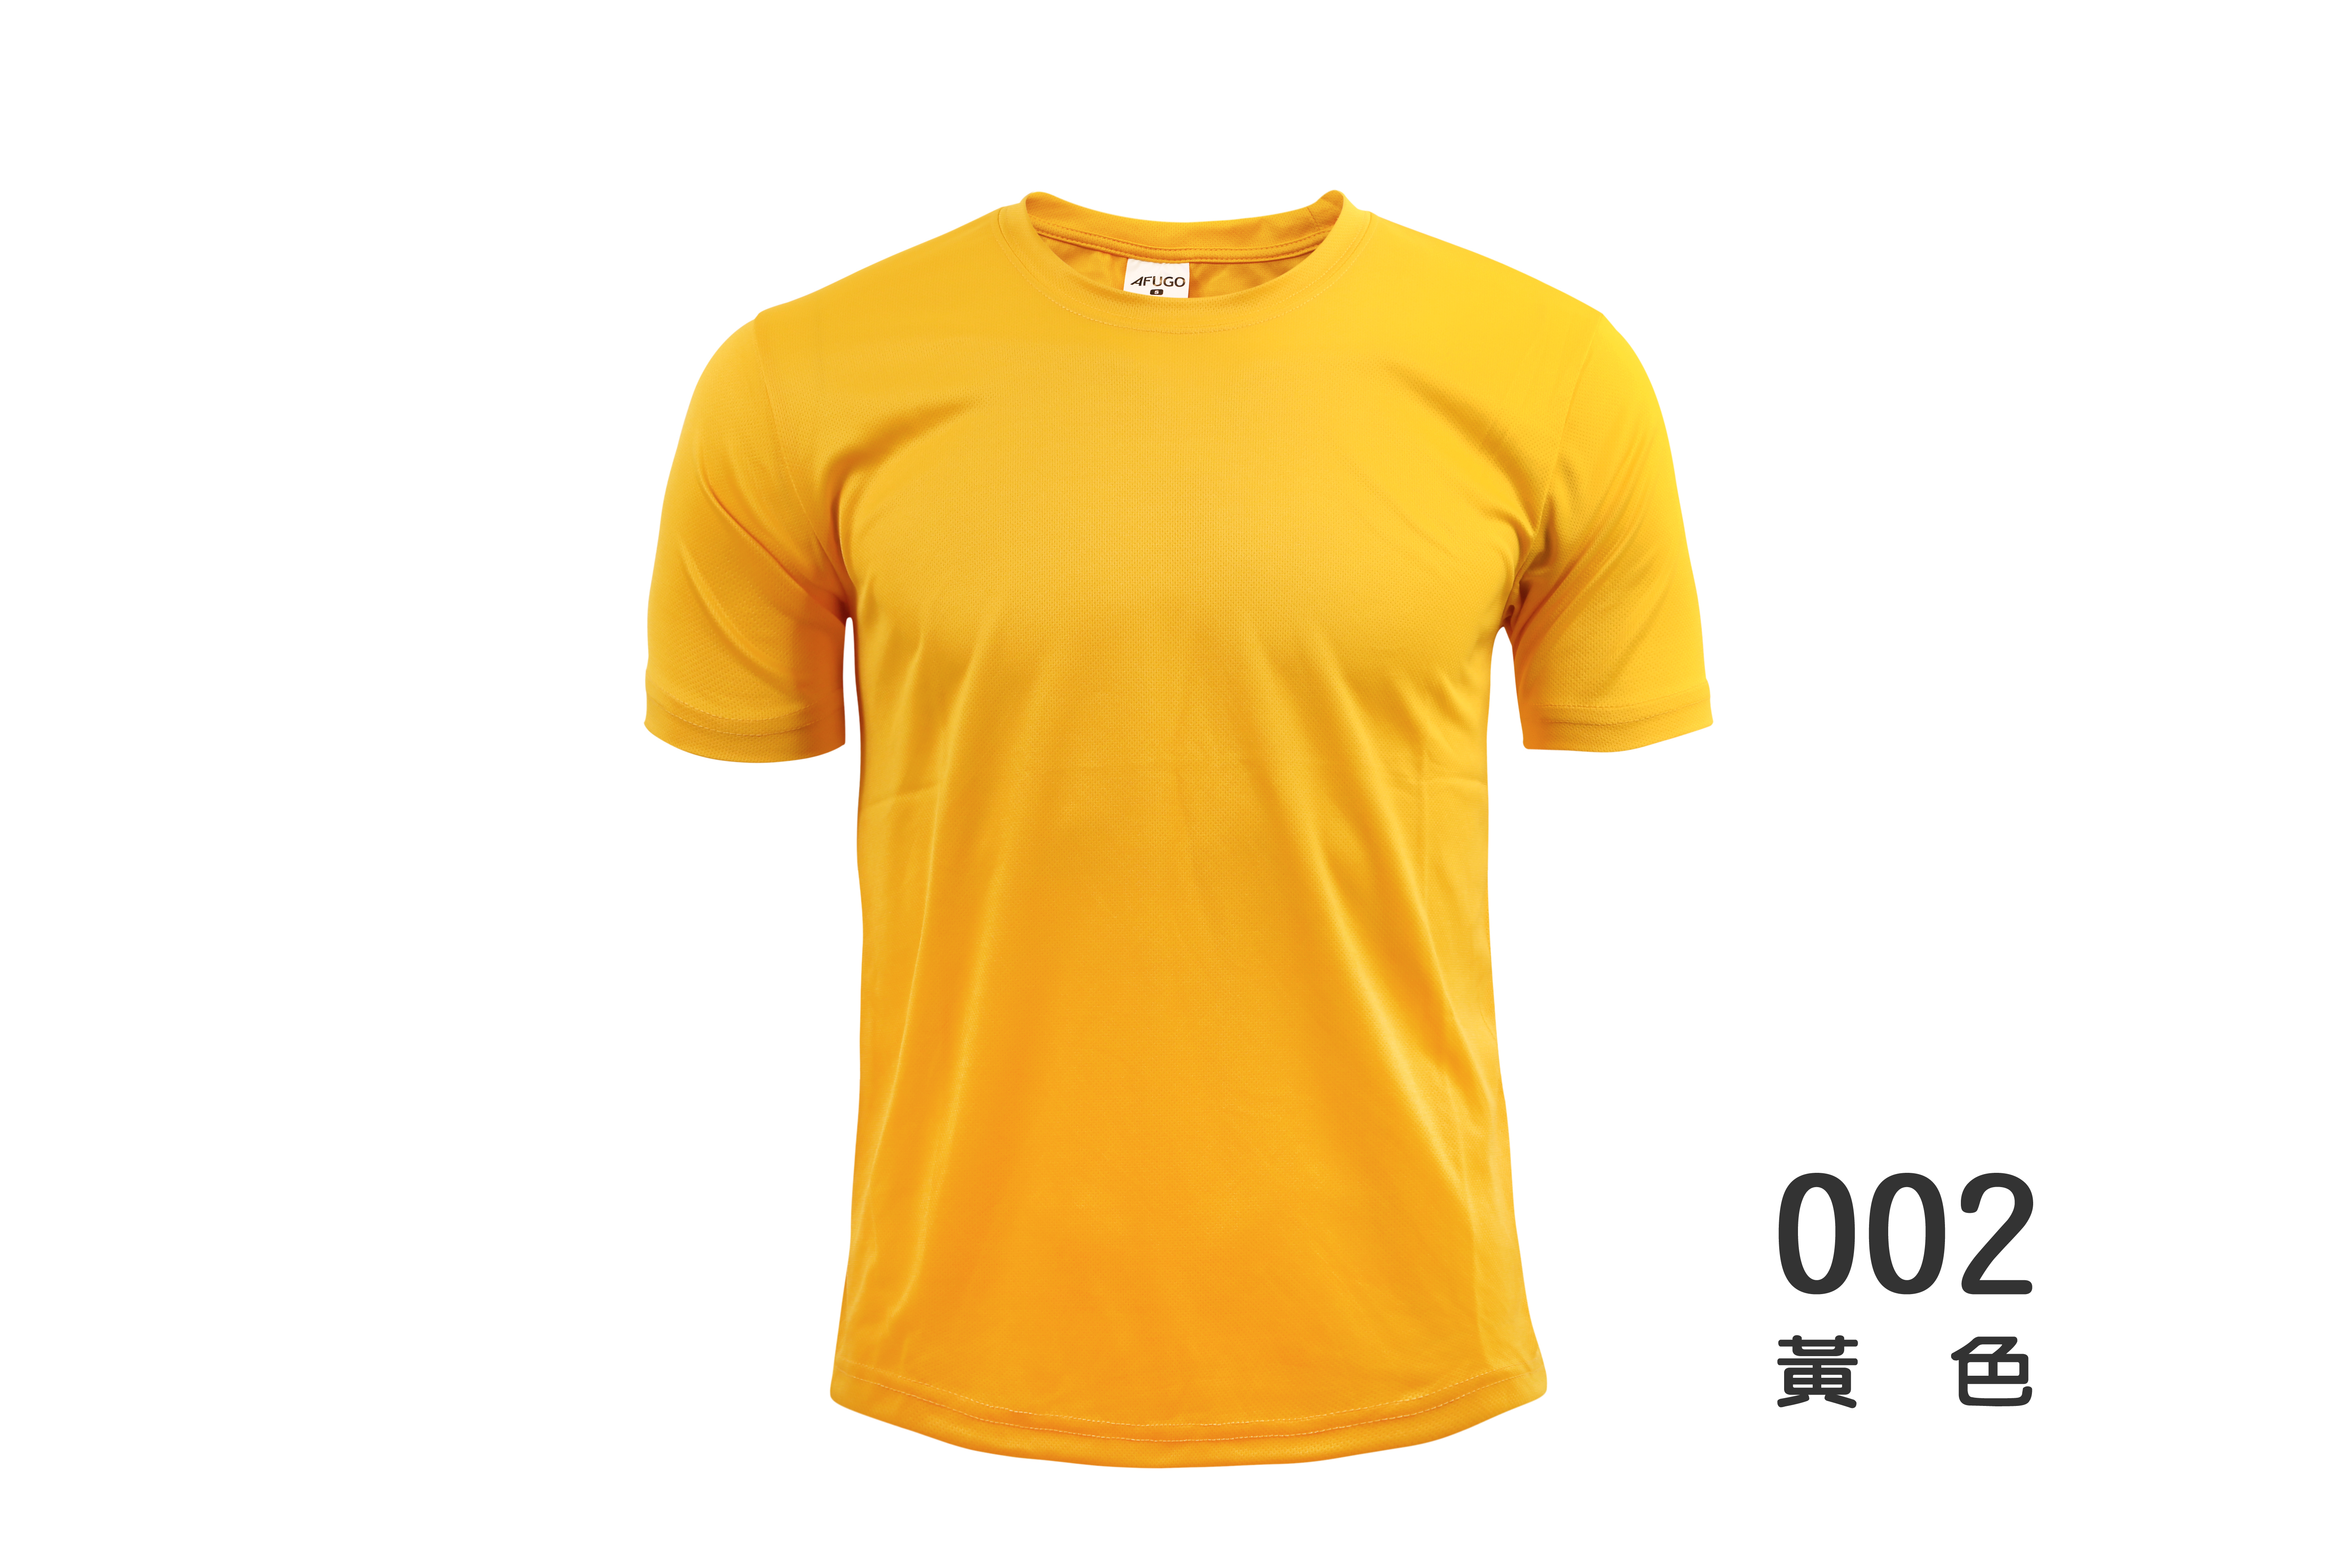 002黃色-1-01